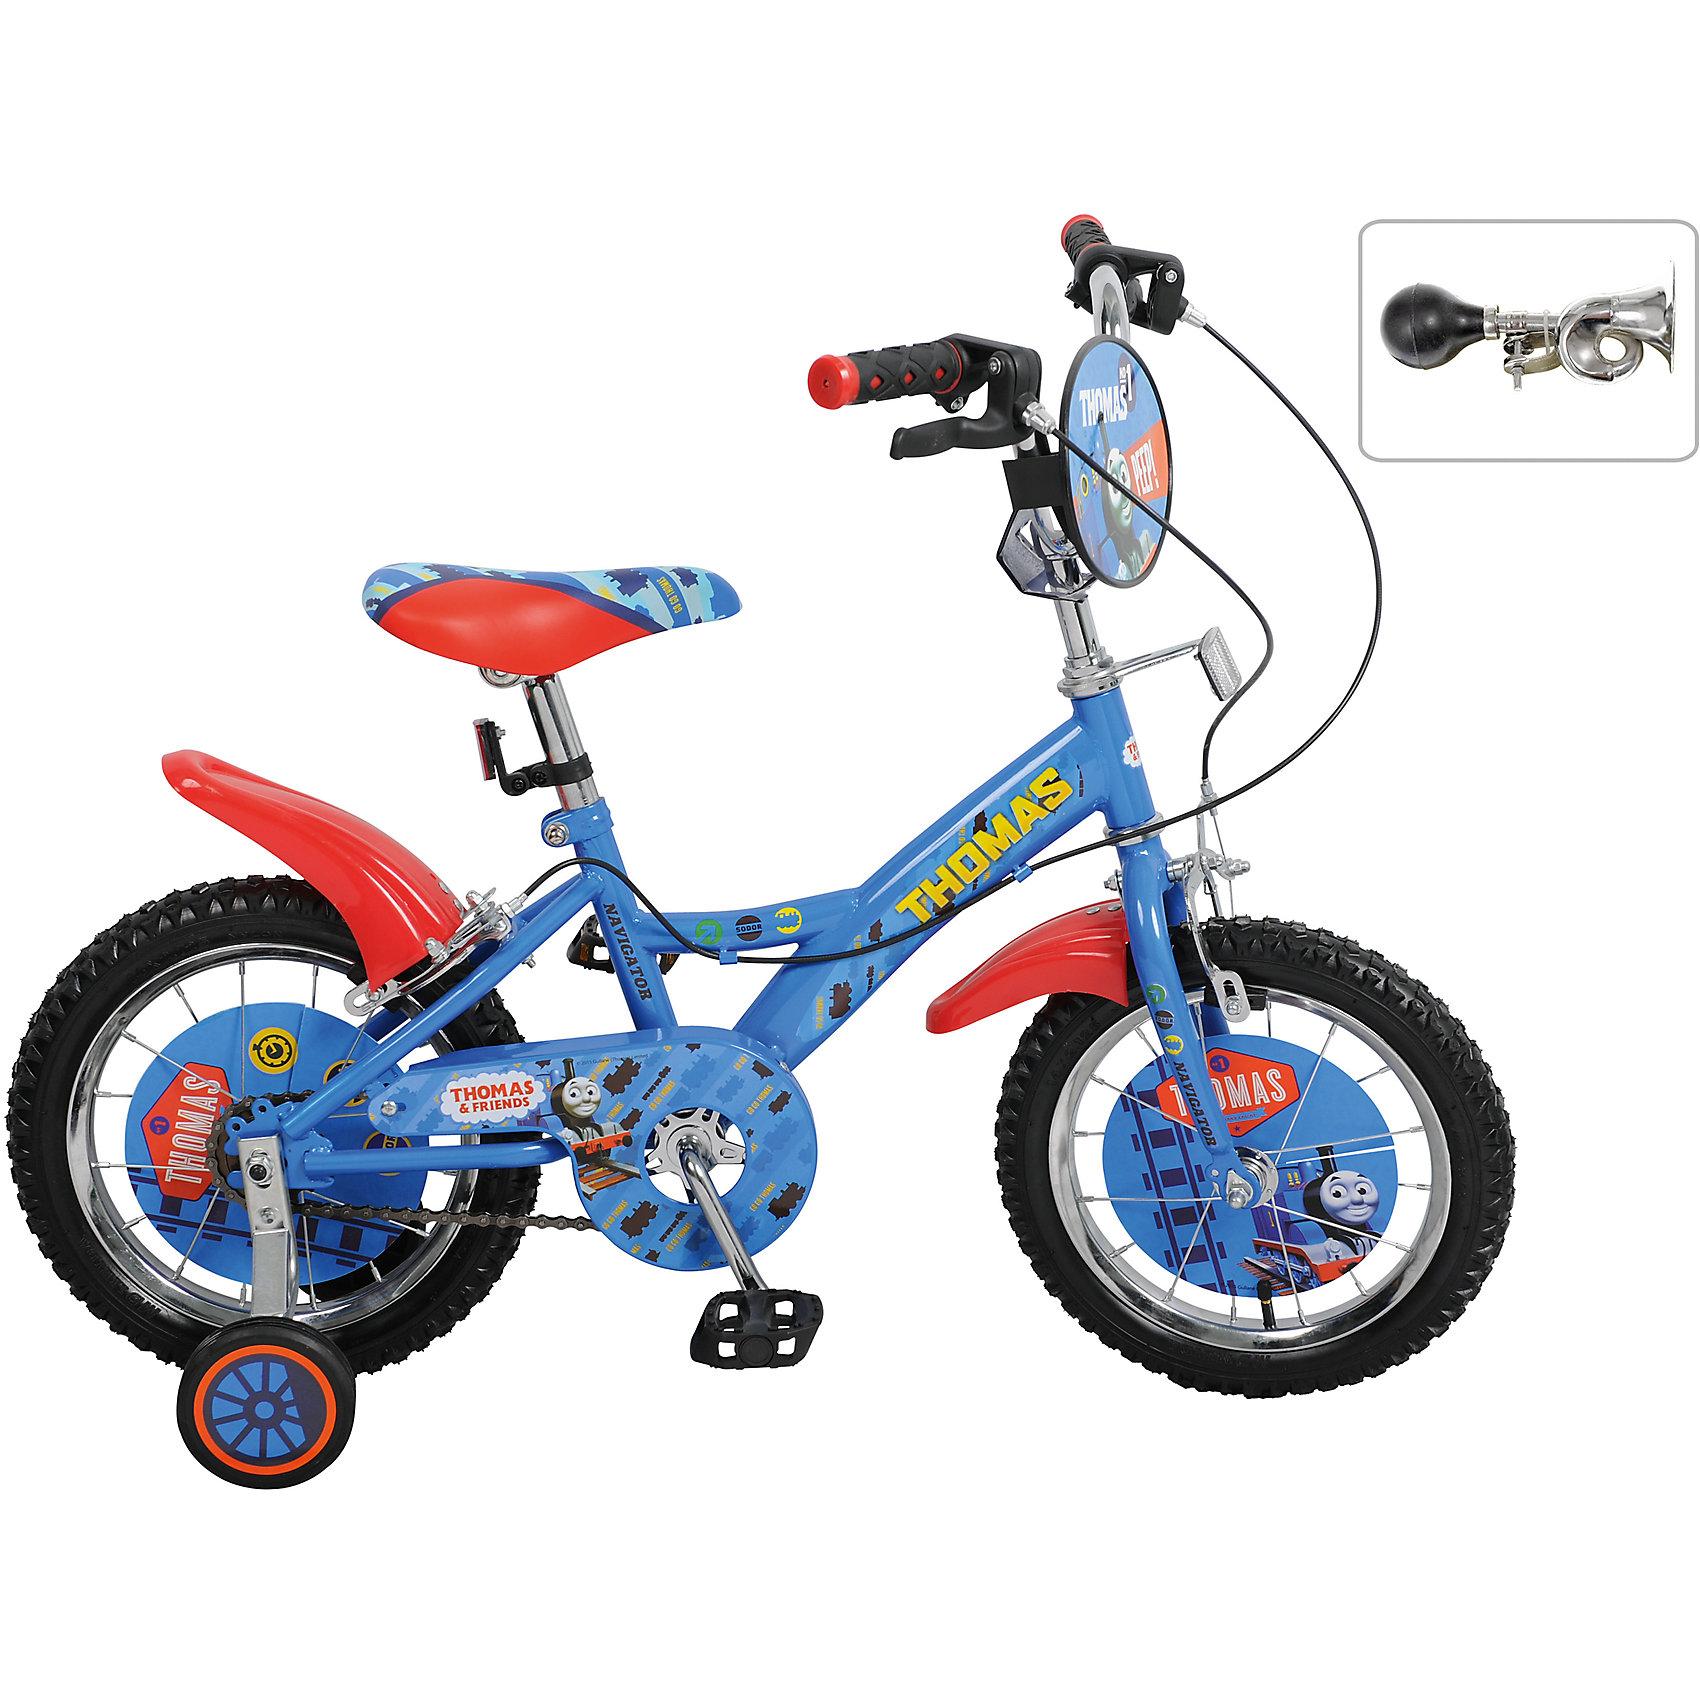 Велосипед Томас и его друзья, NavigatorВелосипеды детские<br>Велосипед Томас и его друзья, Navigator (Навигатор) – это яркий, стильный, надежный велосипед высокого качества.<br>Детский велосипед Томас и его друзья, KITE-тип, обладает яркой расцветкой и стильными формами. продуманная конструкция сводит к минимуму риск получить травму. Он идеален для тех, кто только учится кататься и не умеет держать равновесие. Рама велосипеда выполнена из высокопрочного металла. Покрытие рамы устойчиво к царапинам. Высота руля и сиденья легко регулируется в соответствии с возрастом и ростом ребенка. На руле есть защитный щиток. Колеса оснащены резиновыми шинами, которые хорошо удерживают воздух. Велосипед имеет дополнительные широкие страховочные колеса, передний и задний ручной тормоз, защиту цепи, удобное сиденье эргономичной формы, клаксон, задний багажник, светоотражающие элементы для безопасной езды в темное время суток. Основные колеса с пластиковыми крыльями декорированы яркими вставками. На ручках руля нескользящие накладки. Катание на велосипеде поможет ребенку укрепить опорно-двигательную и сердечно-сосудистую системы.<br><br>Дополнительная информация:<br><br>- Возрастная категория: 4 -6 лет<br>- Подходит для детей ростом 95 - 115 см.<br>- Диаметр колёс: 14 дюймов<br>- Односоставной шатун<br>- Материал рамы: сталь<br>- Вес в упаковке: 9,6 кг.<br><br>Велосипед Томас и его друзья, Navigator (Навигатор) можно купить в нашем интернет-магазине.<br><br>Ширина мм: 800<br>Глубина мм: 170<br>Высота мм: 360<br>Вес г: 9600<br>Возраст от месяцев: 48<br>Возраст до месяцев: 120<br>Пол: Мужской<br>Возраст: Детский<br>SKU: 4655134